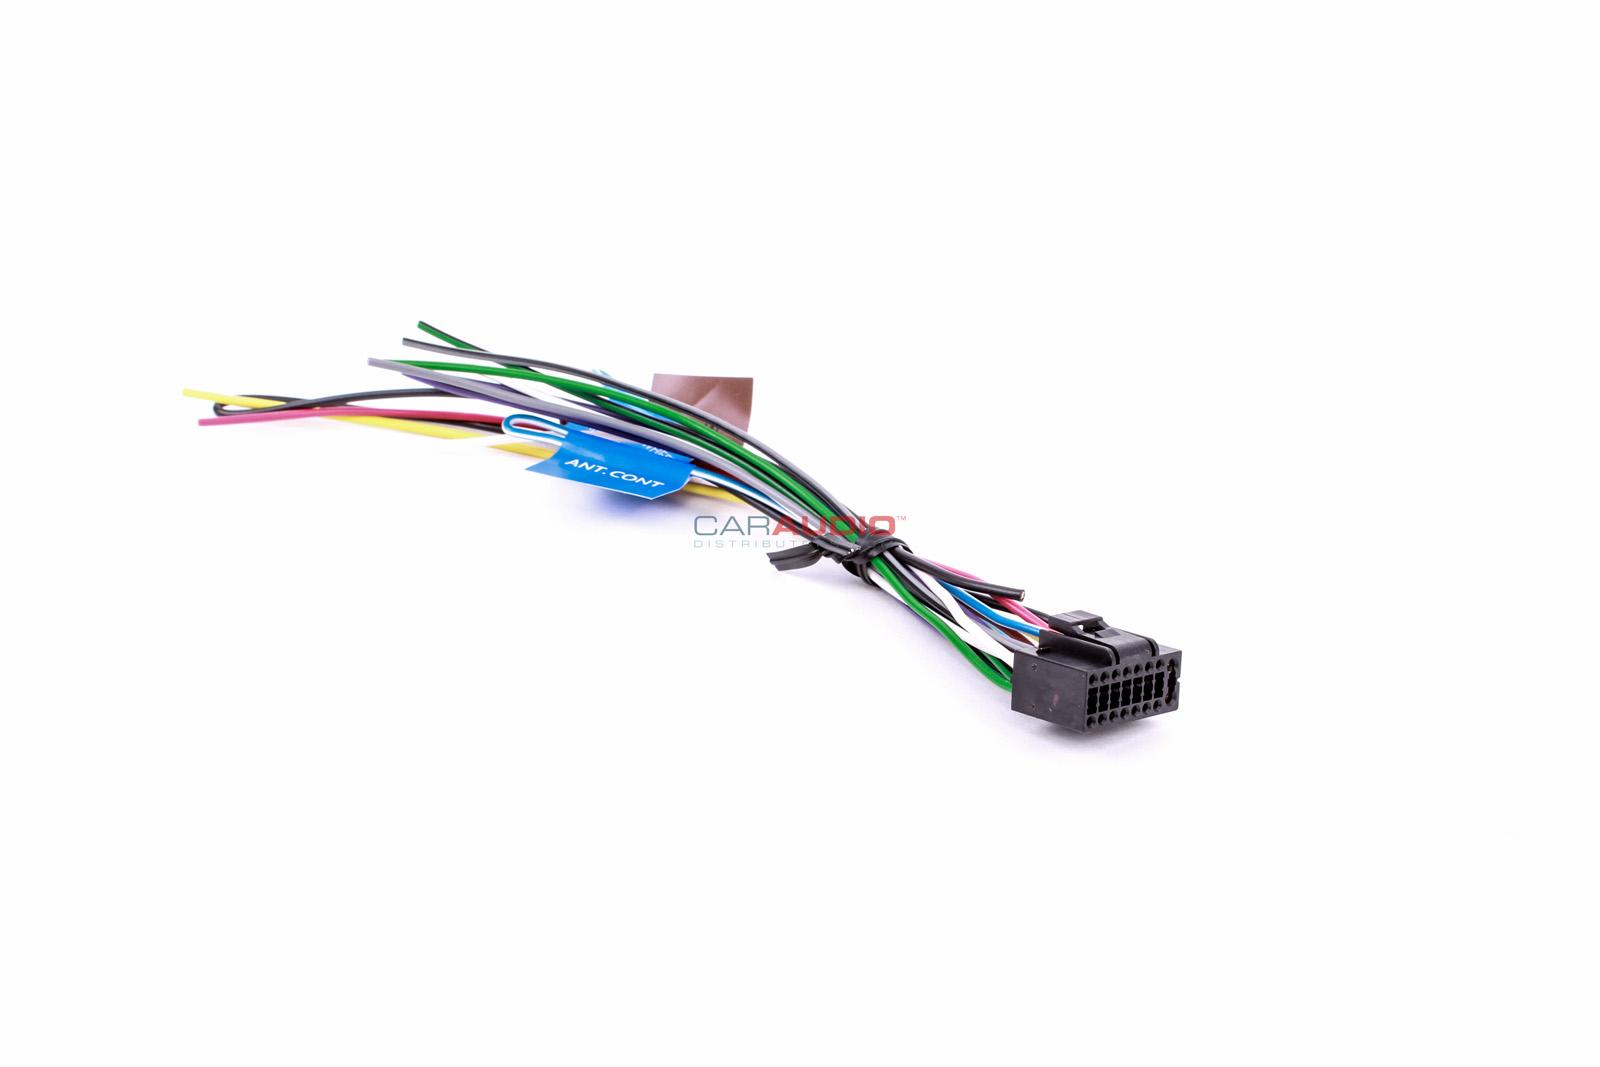 [TA_9545] Kenwood Ksc Sw11 Wiring Harness Diagram Model